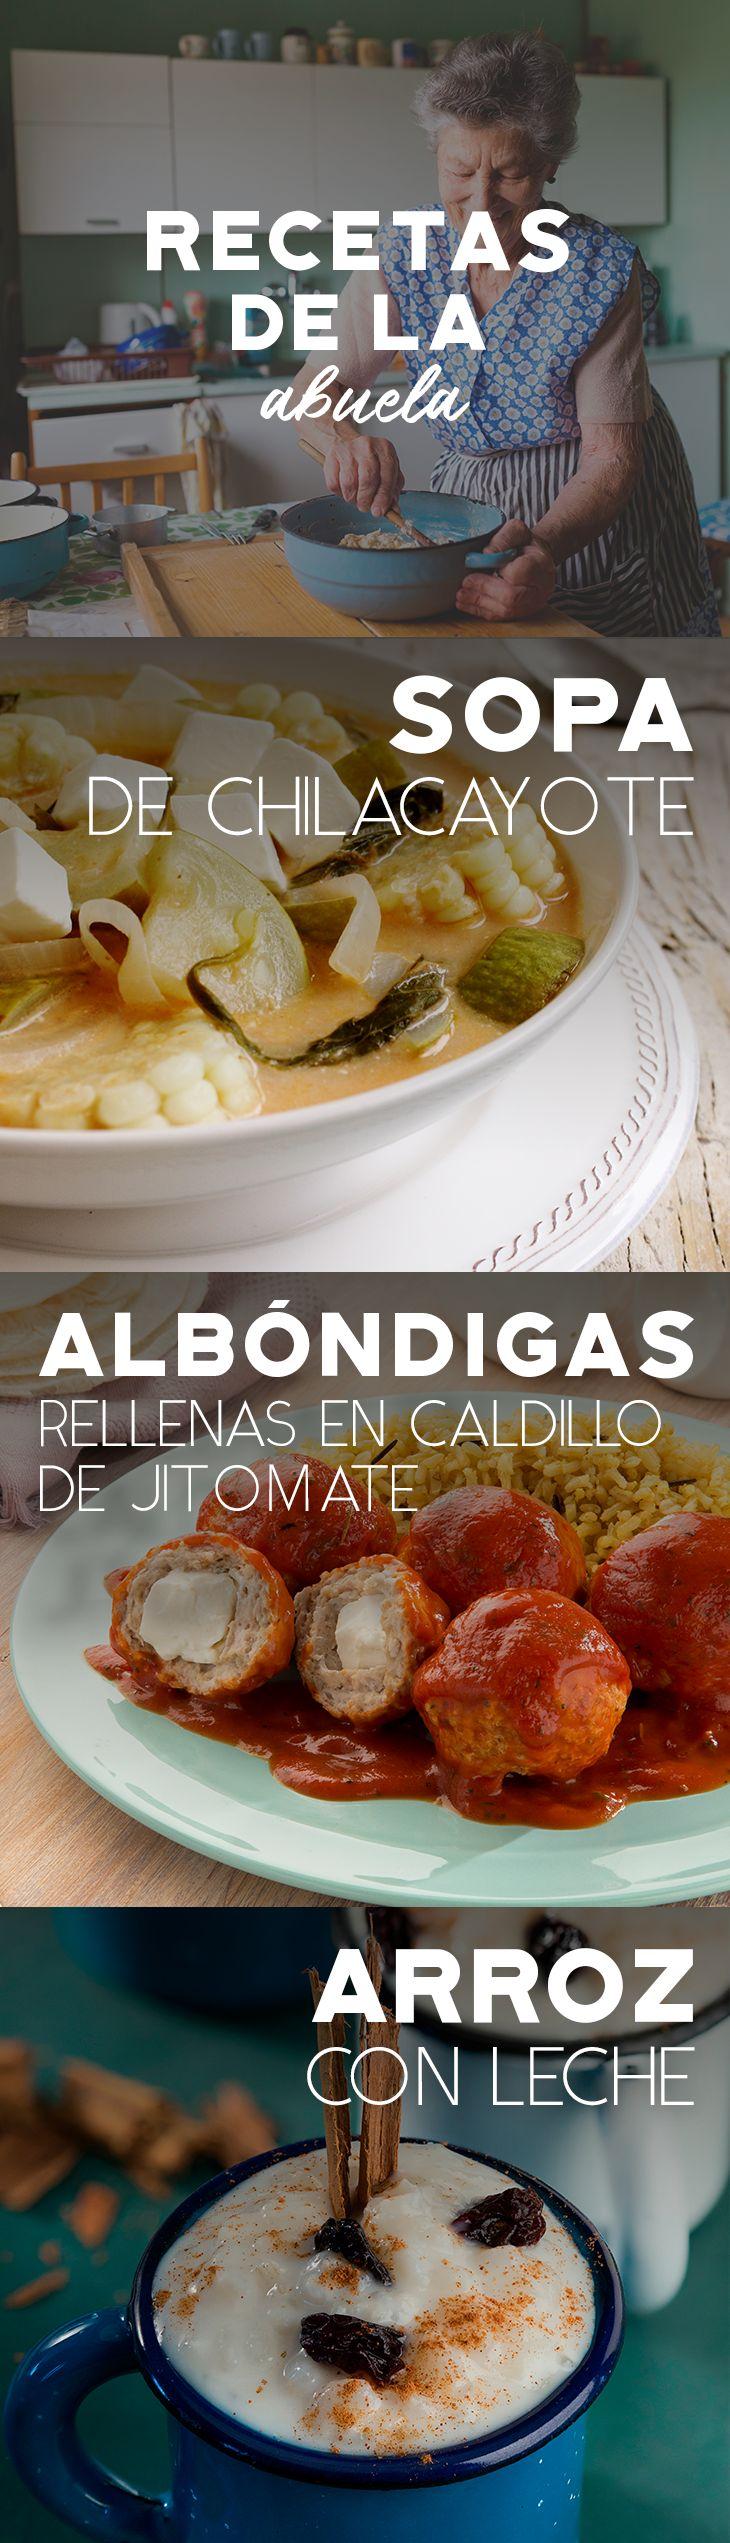 Las recetas de tu abuela son las mejores, prepara estos platillos que sin duda te recordarán su deliciosa sazón.   #recetas #receta #quesophiladelphia #philadelphia #crema #quesocrema #queso #comida #cocinar #cocinamexicana #recetasfáciles #abuela #cocina #arroz #arrozconleche #albóndigas #sopa #sopas #chilacayote